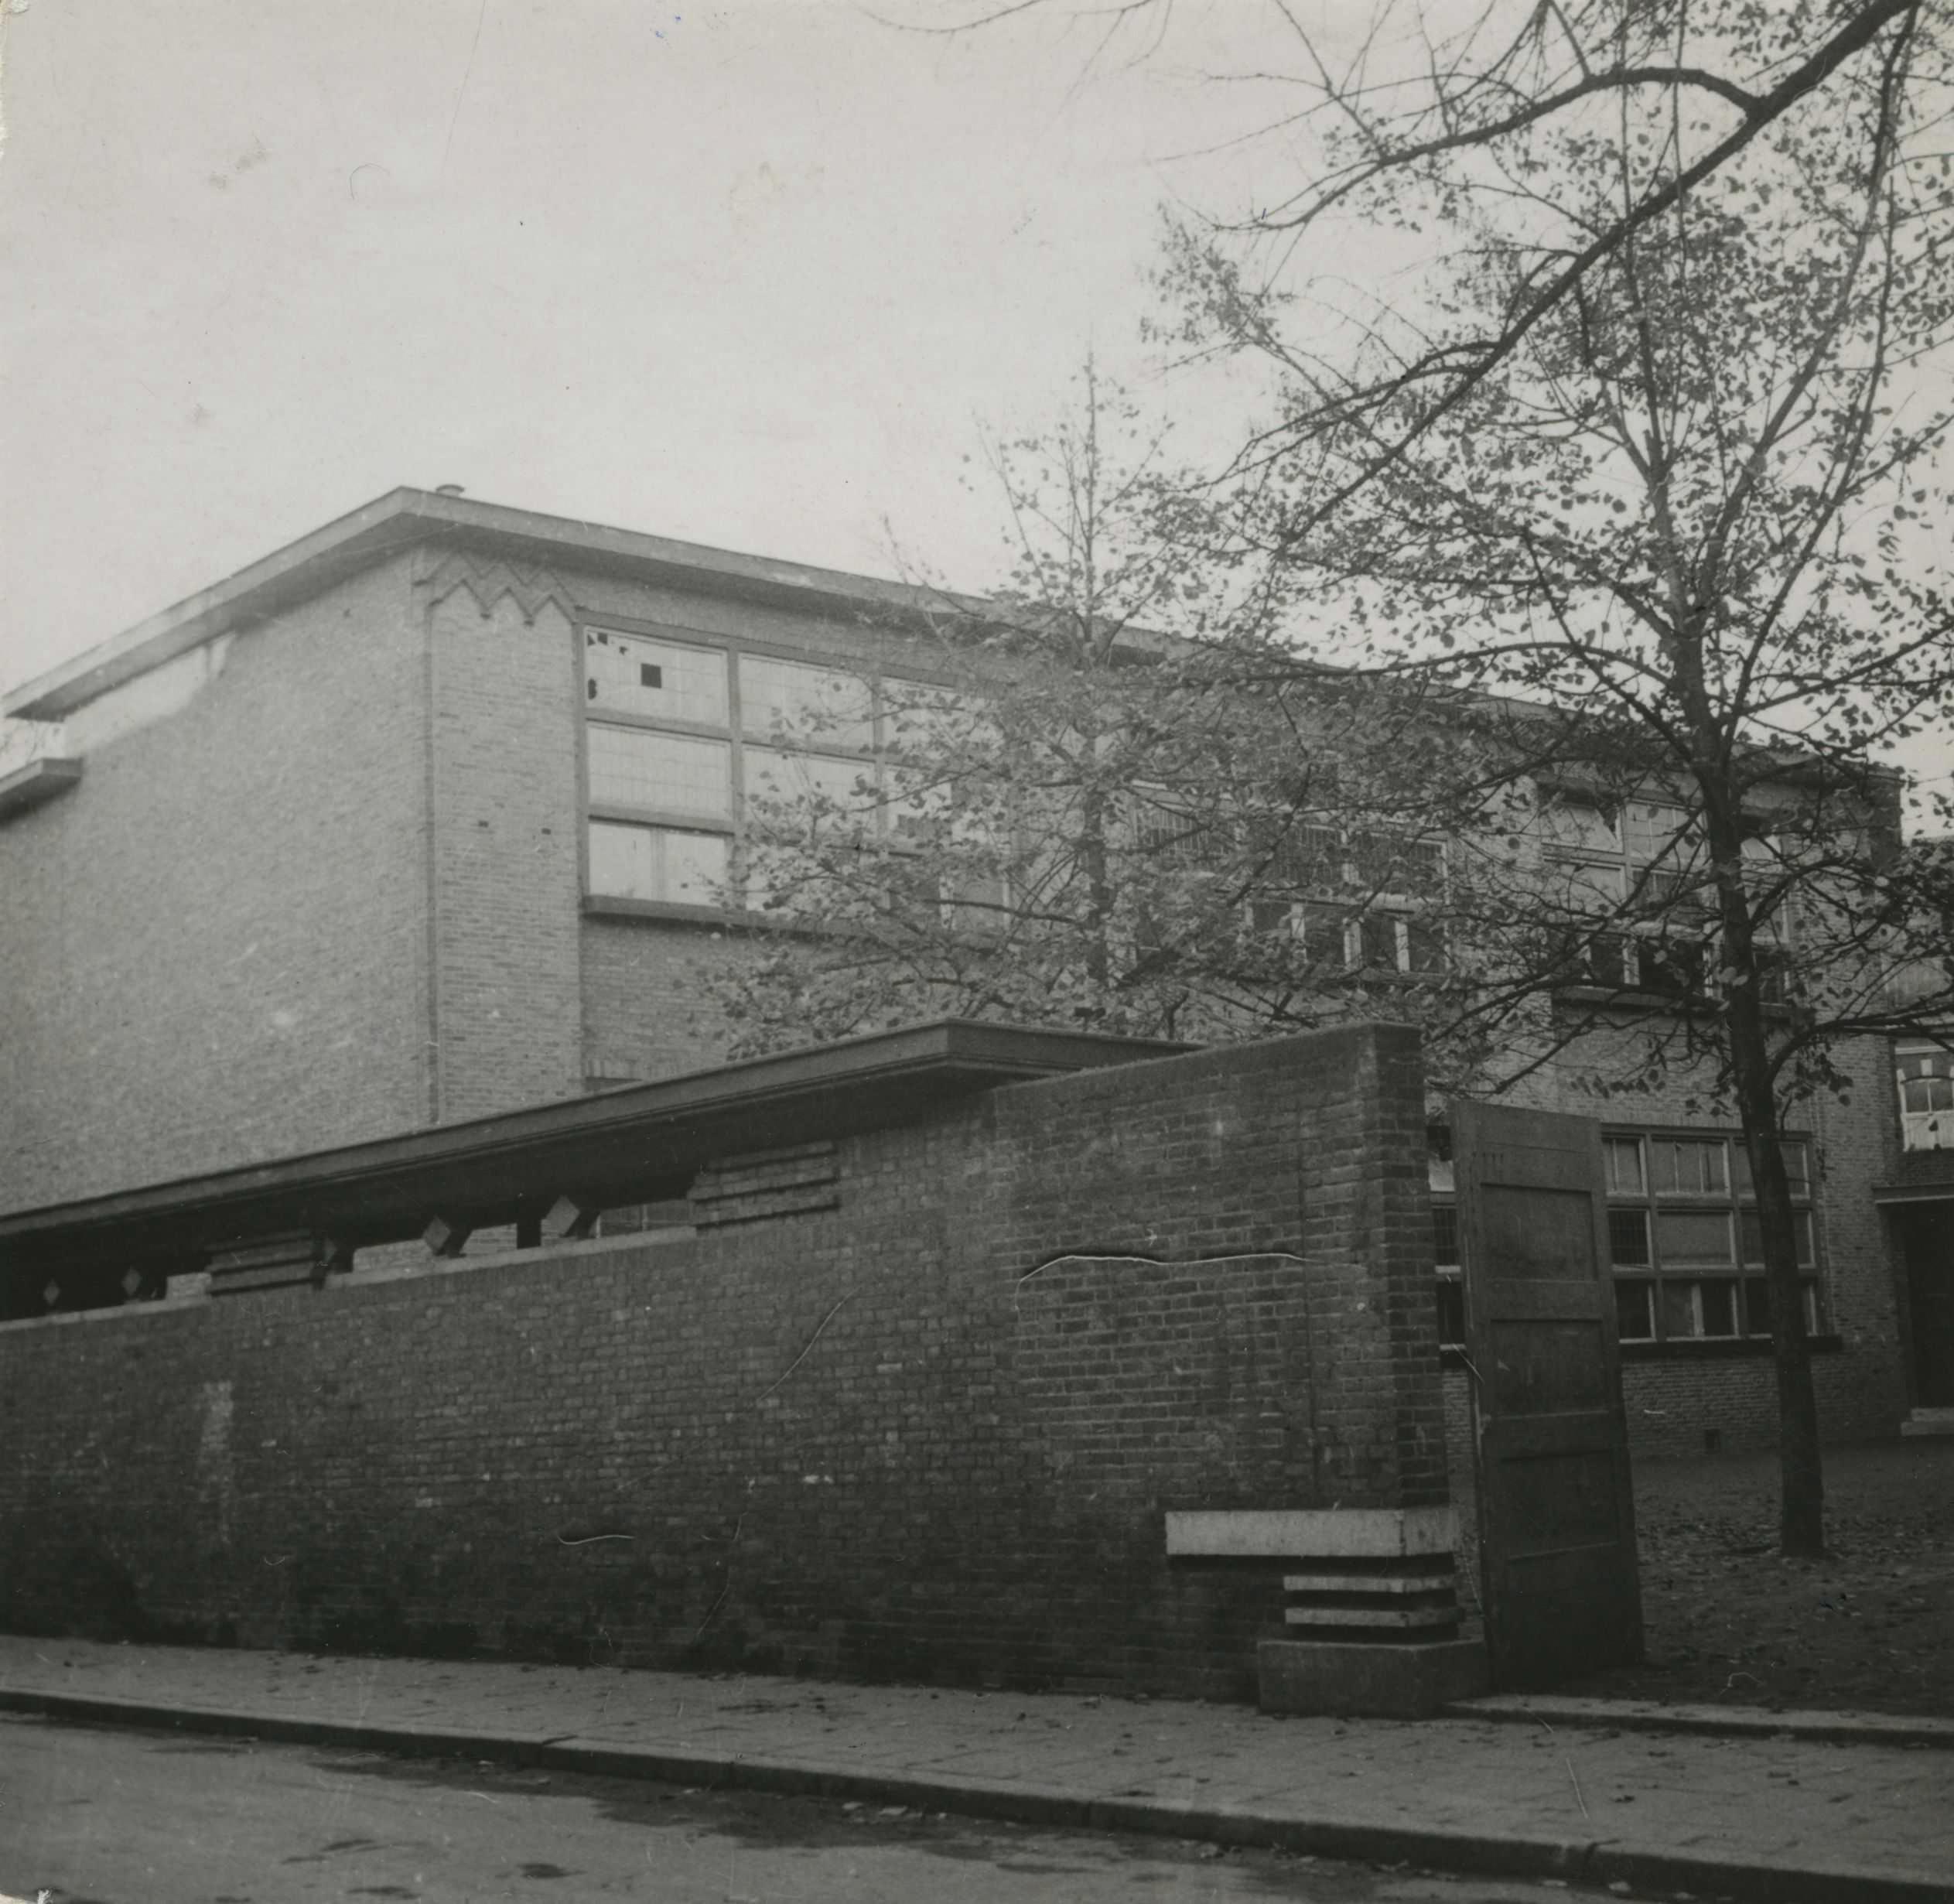 Verzamelpunt bij school in Maastricht